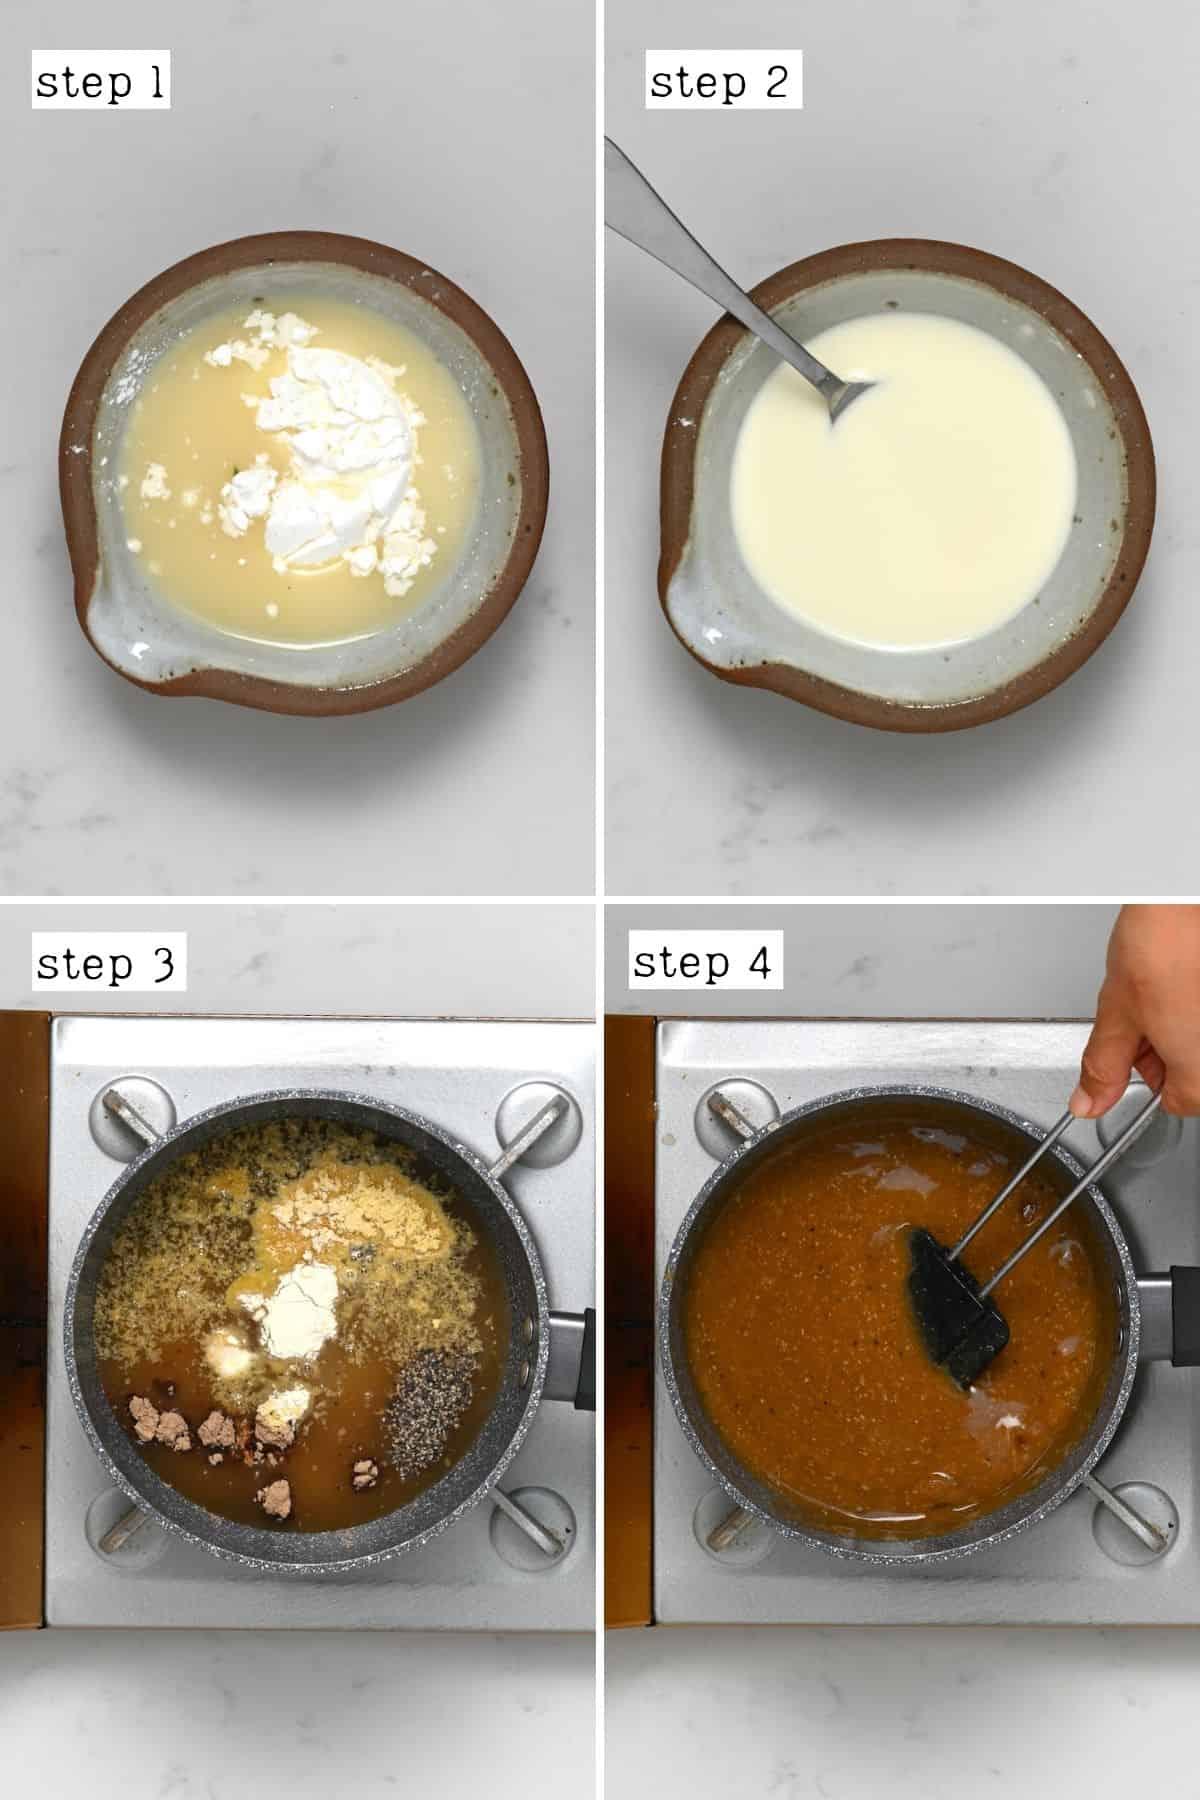 Steps for preparing vegan gravy